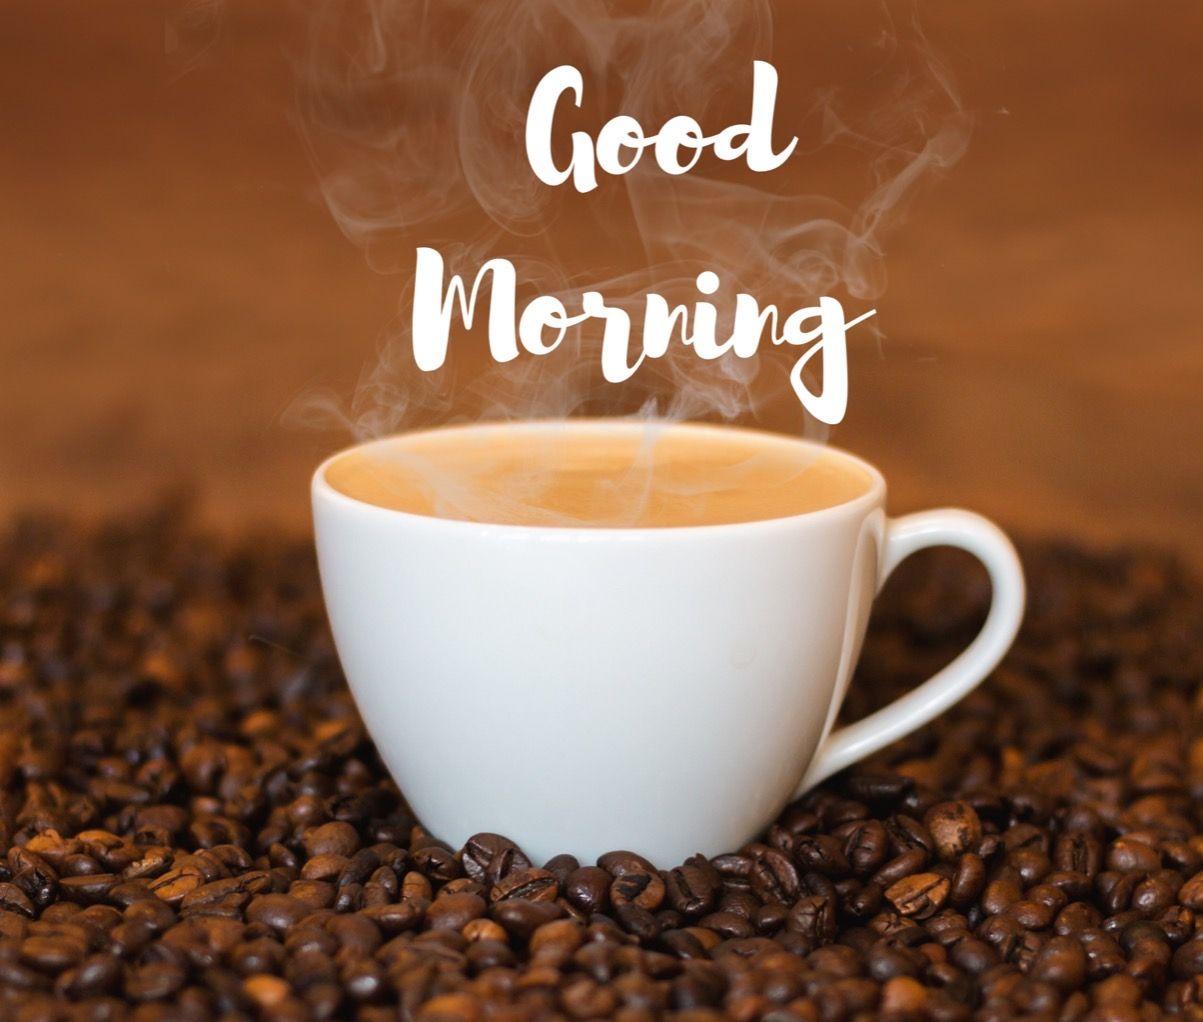 Pin By Lisa Coleman On Lisa Says Good Morning Good Morning Beautiful Good Morning Beautiful Images Good Morning Beautiful Meme